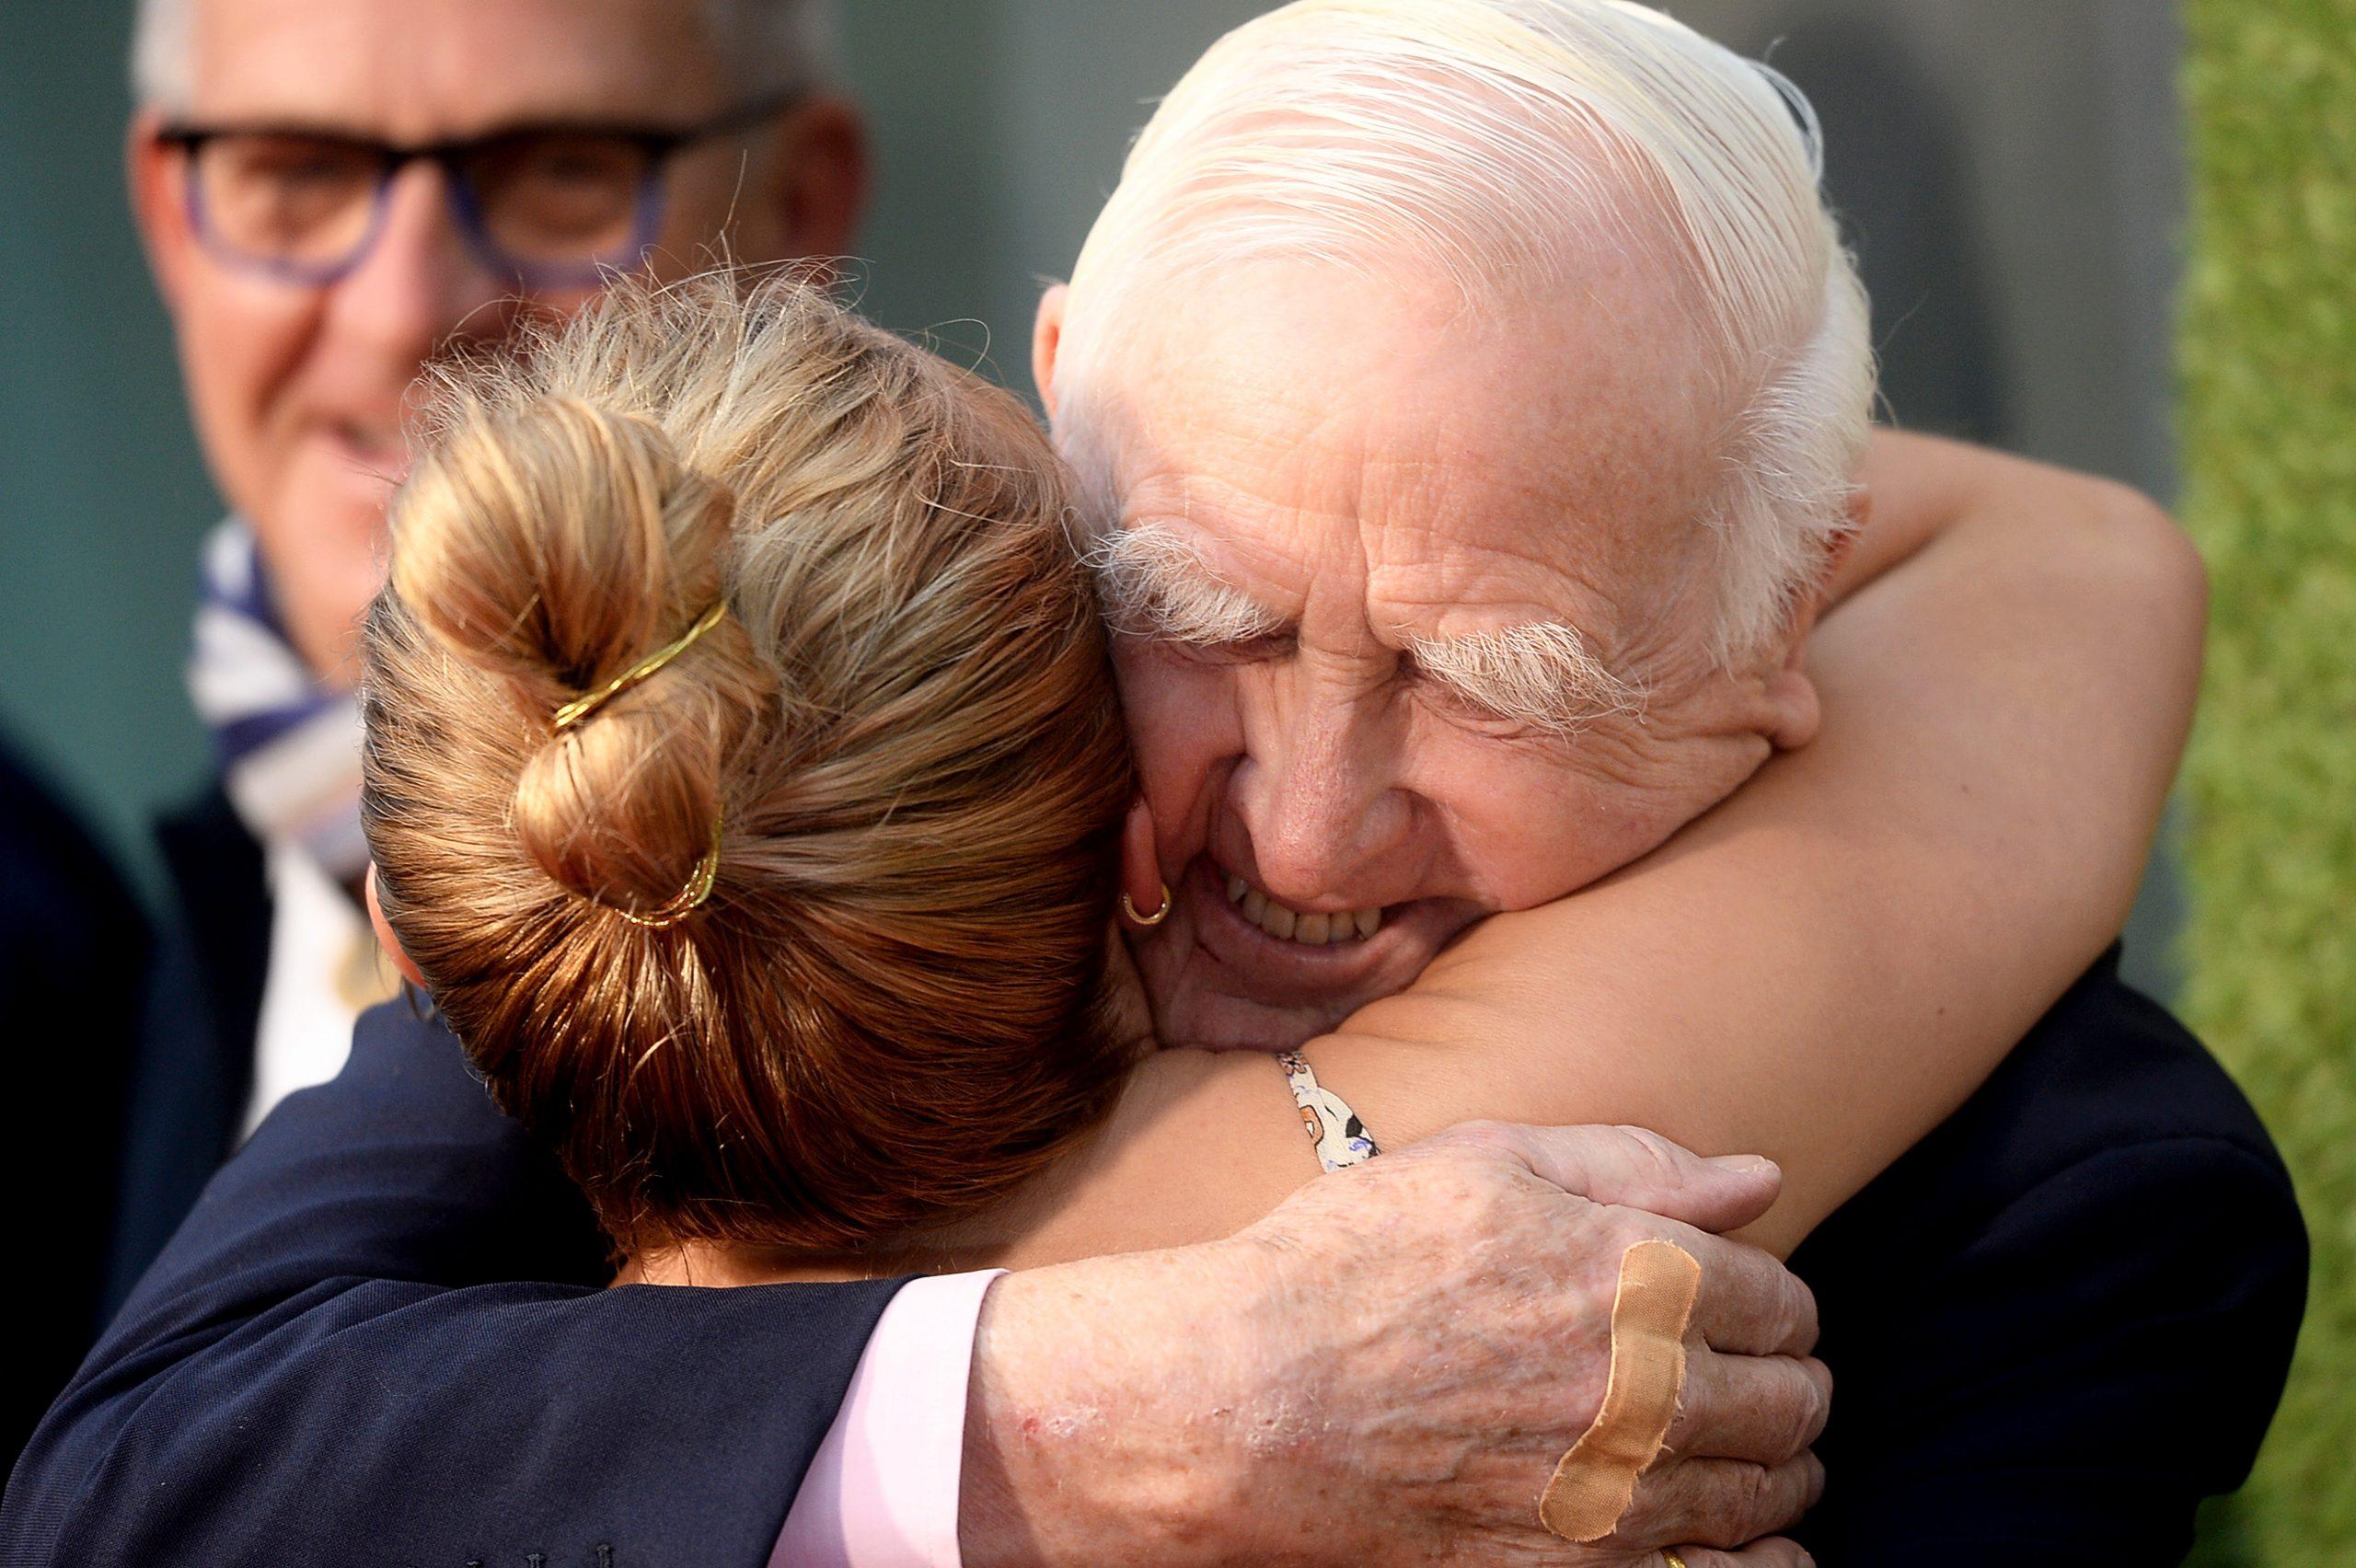 Murió el legendario novelista de espionaje John le Carré a los 89 años